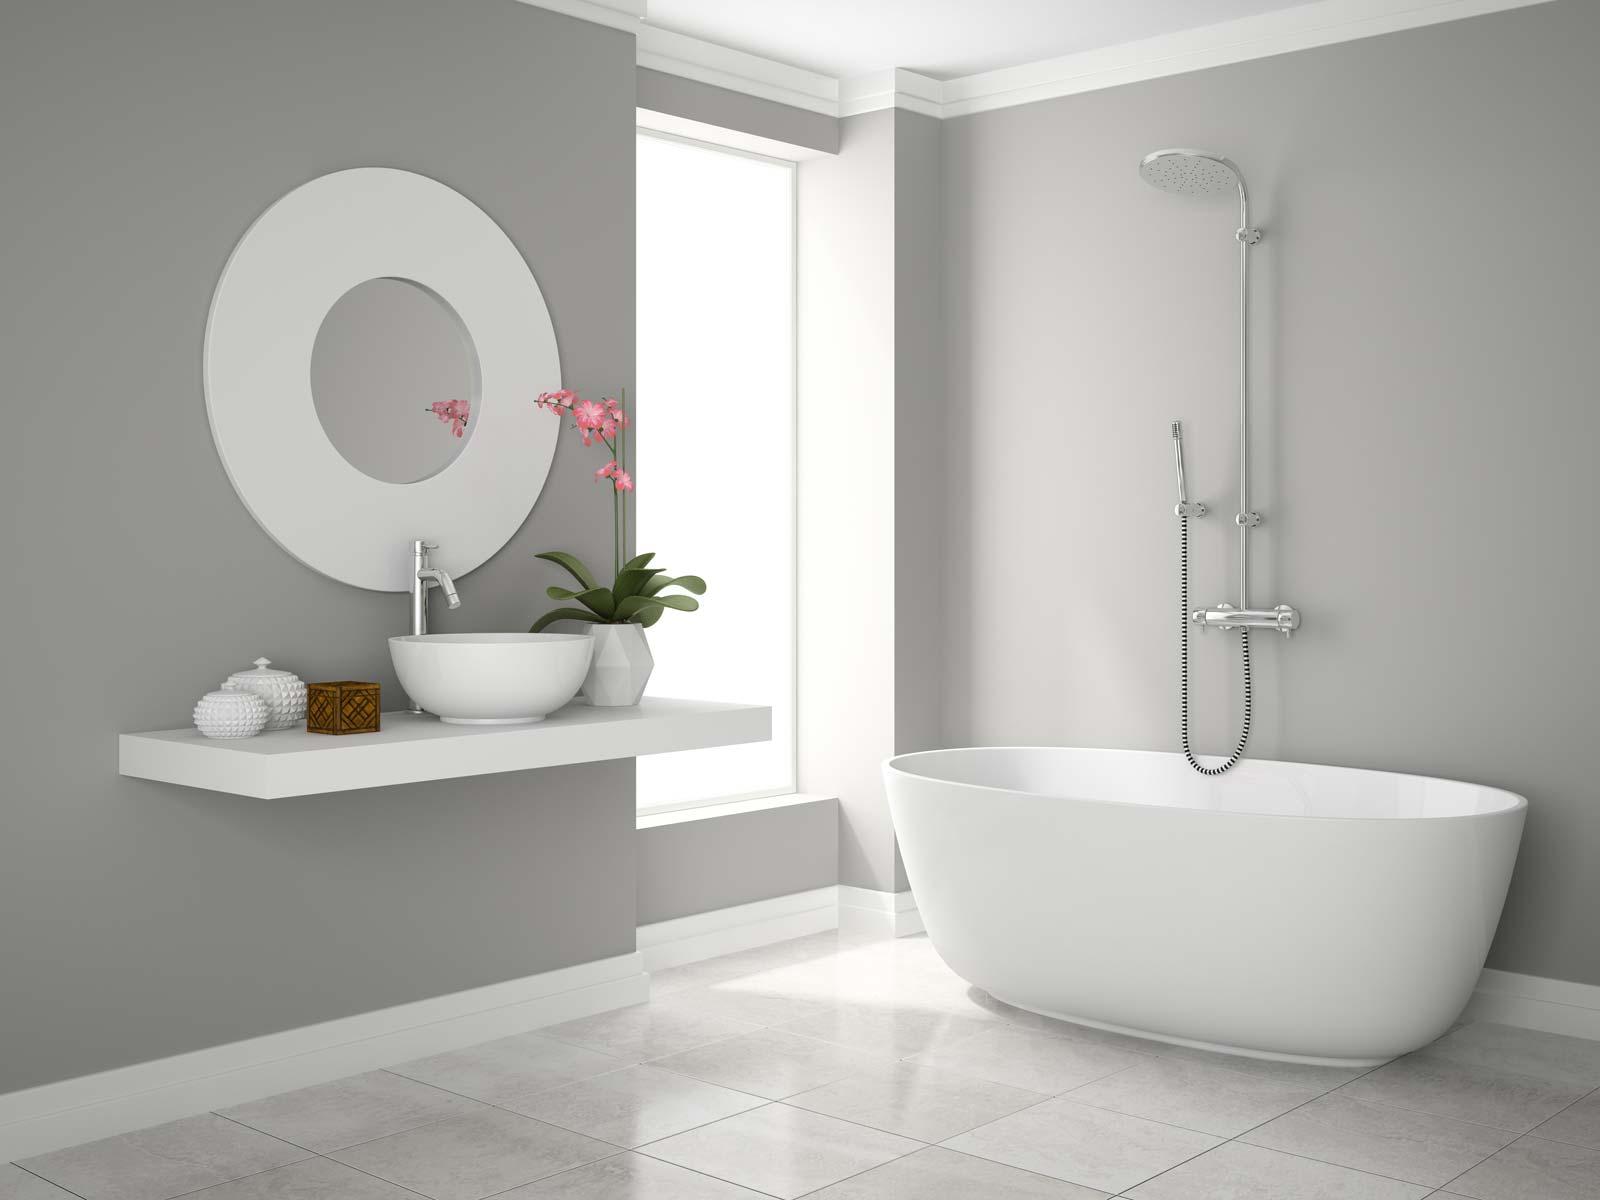 Quotatis la salle de bain high tech connectivit et for Salle de bain du futur